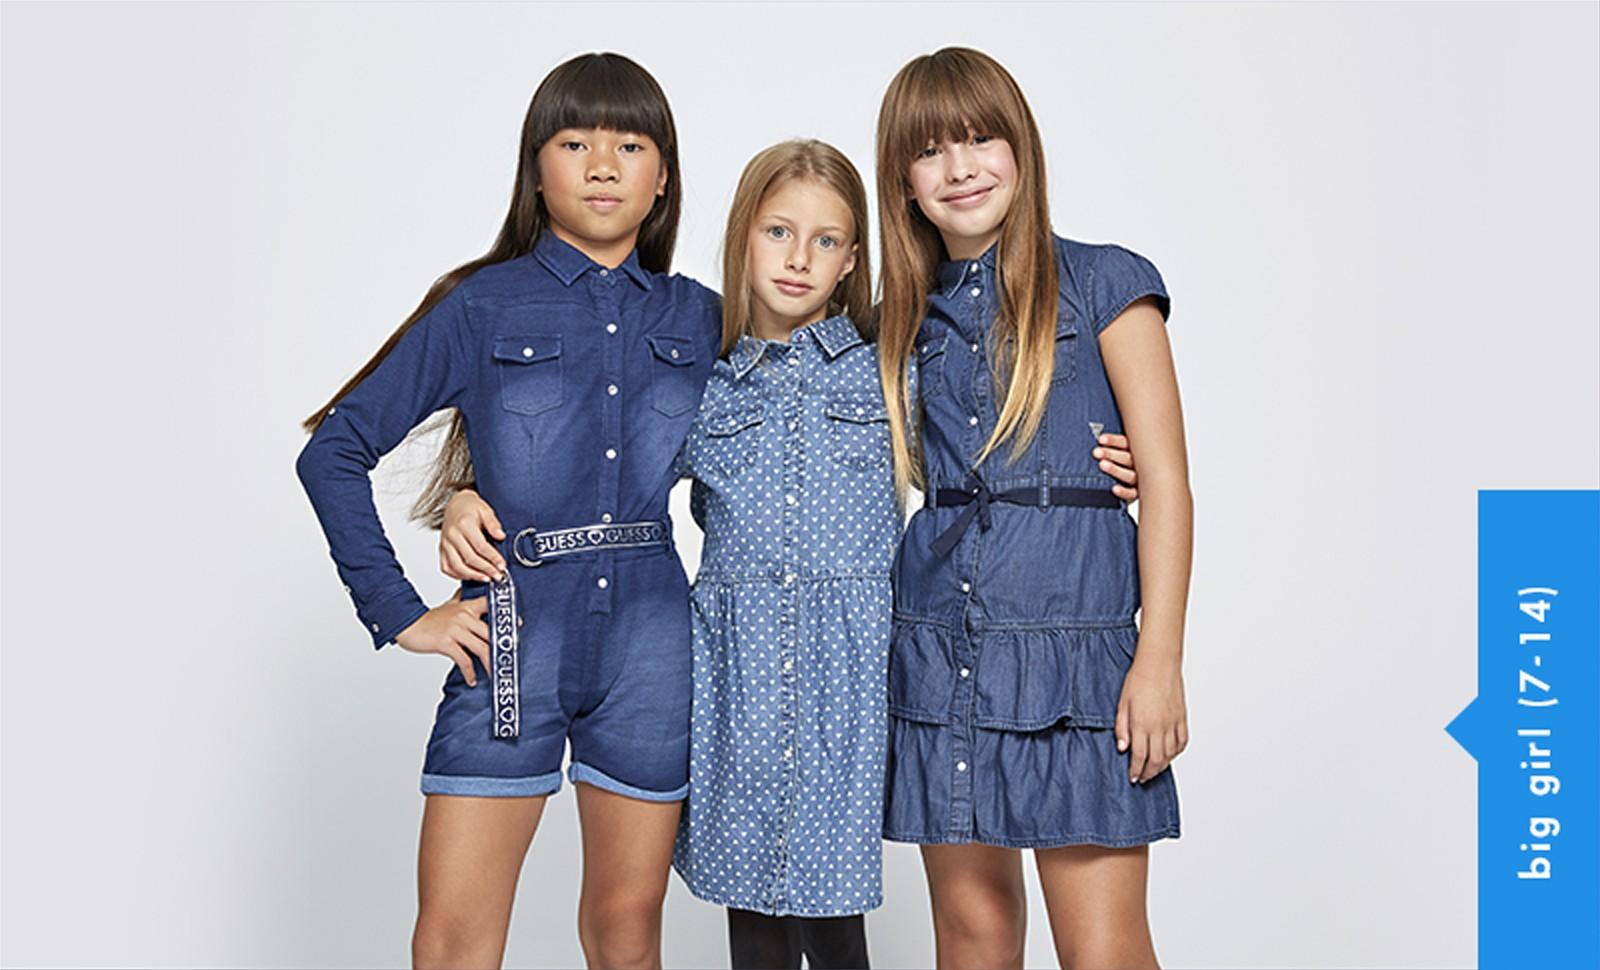 b1c9a0c18ebf big girl (7-14) big boy (7-14) little girl (2-7) little boy (2-7) baby girl  (0-24m) baby boy (0-24m)